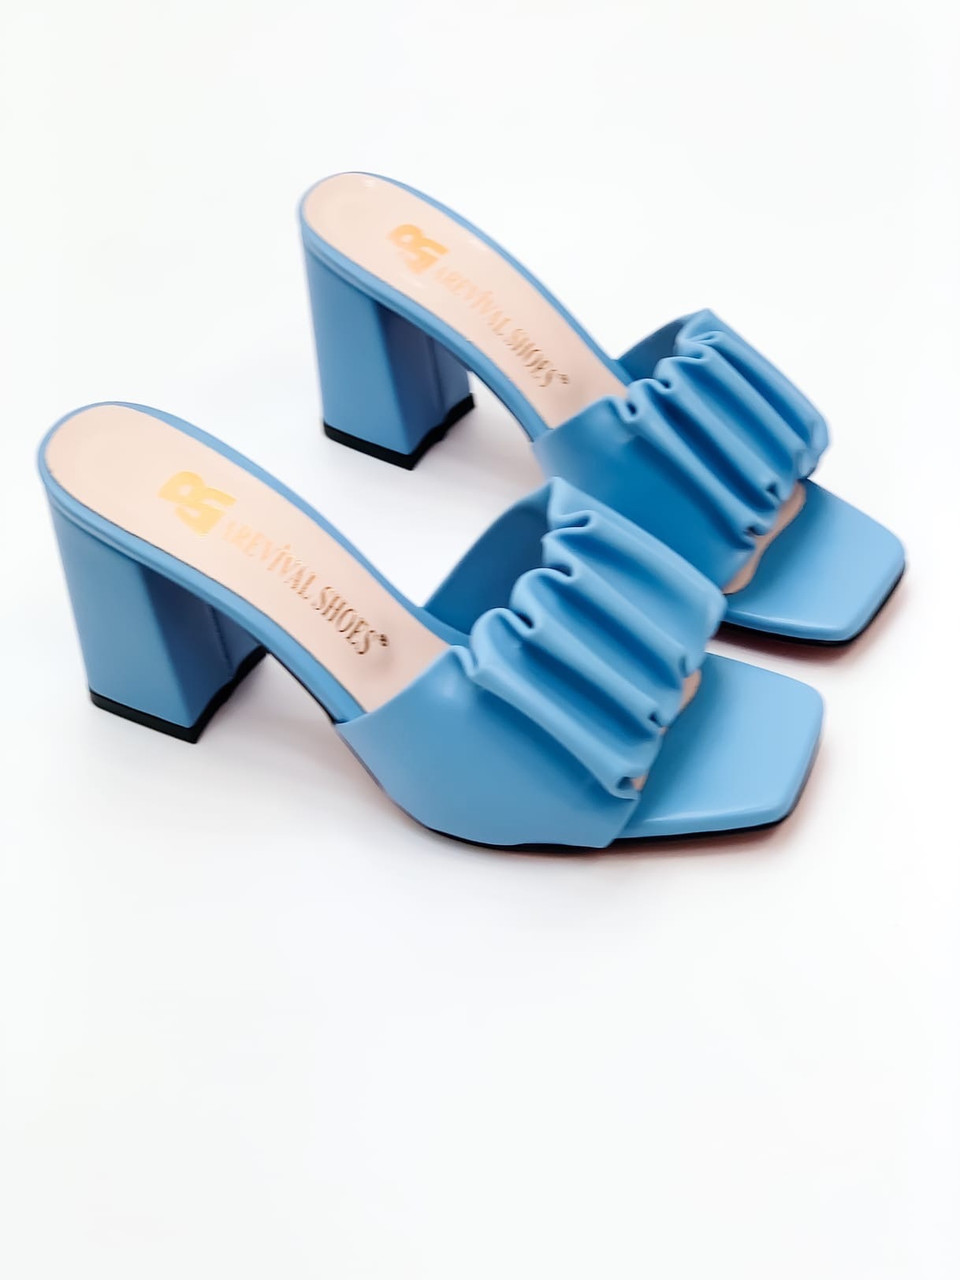 Шлепанцы / сабо женские голубые - синие на каблуке 9 см натуральная кожа